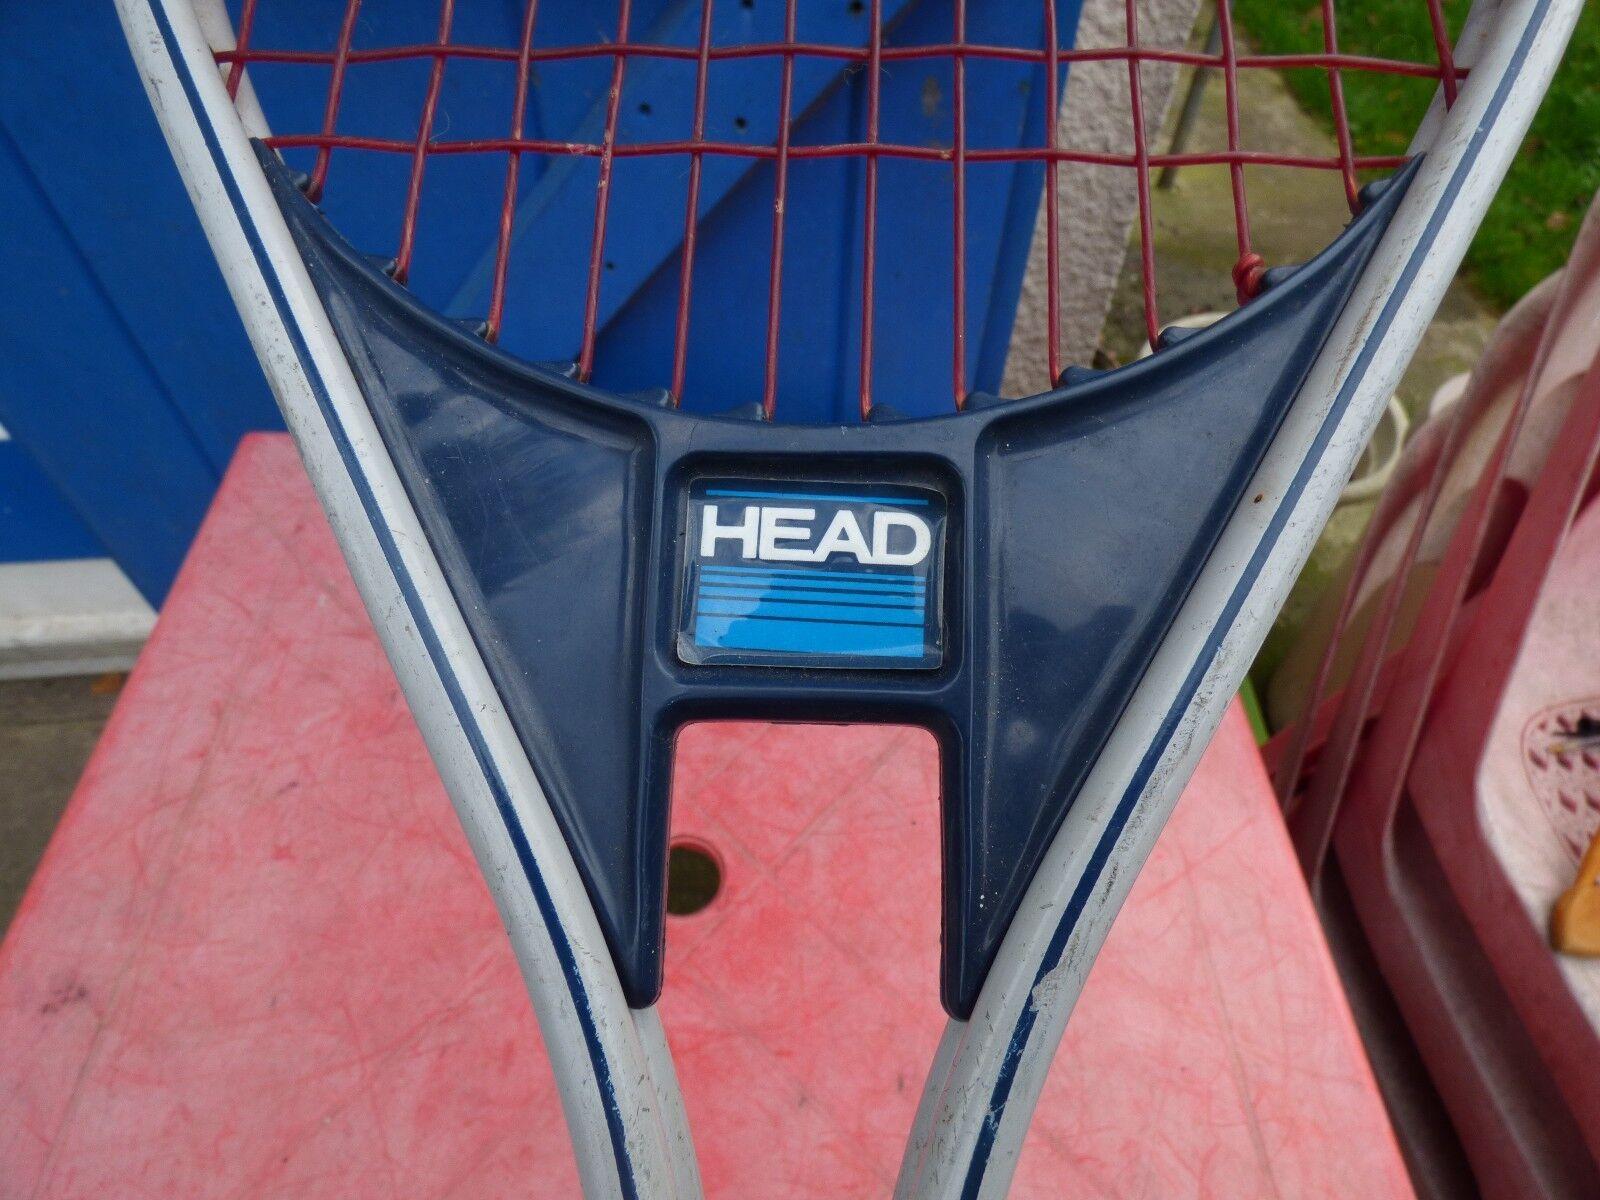 Raqueta Raqueta Raqueta de tenis vintage Head Edge 77b51f